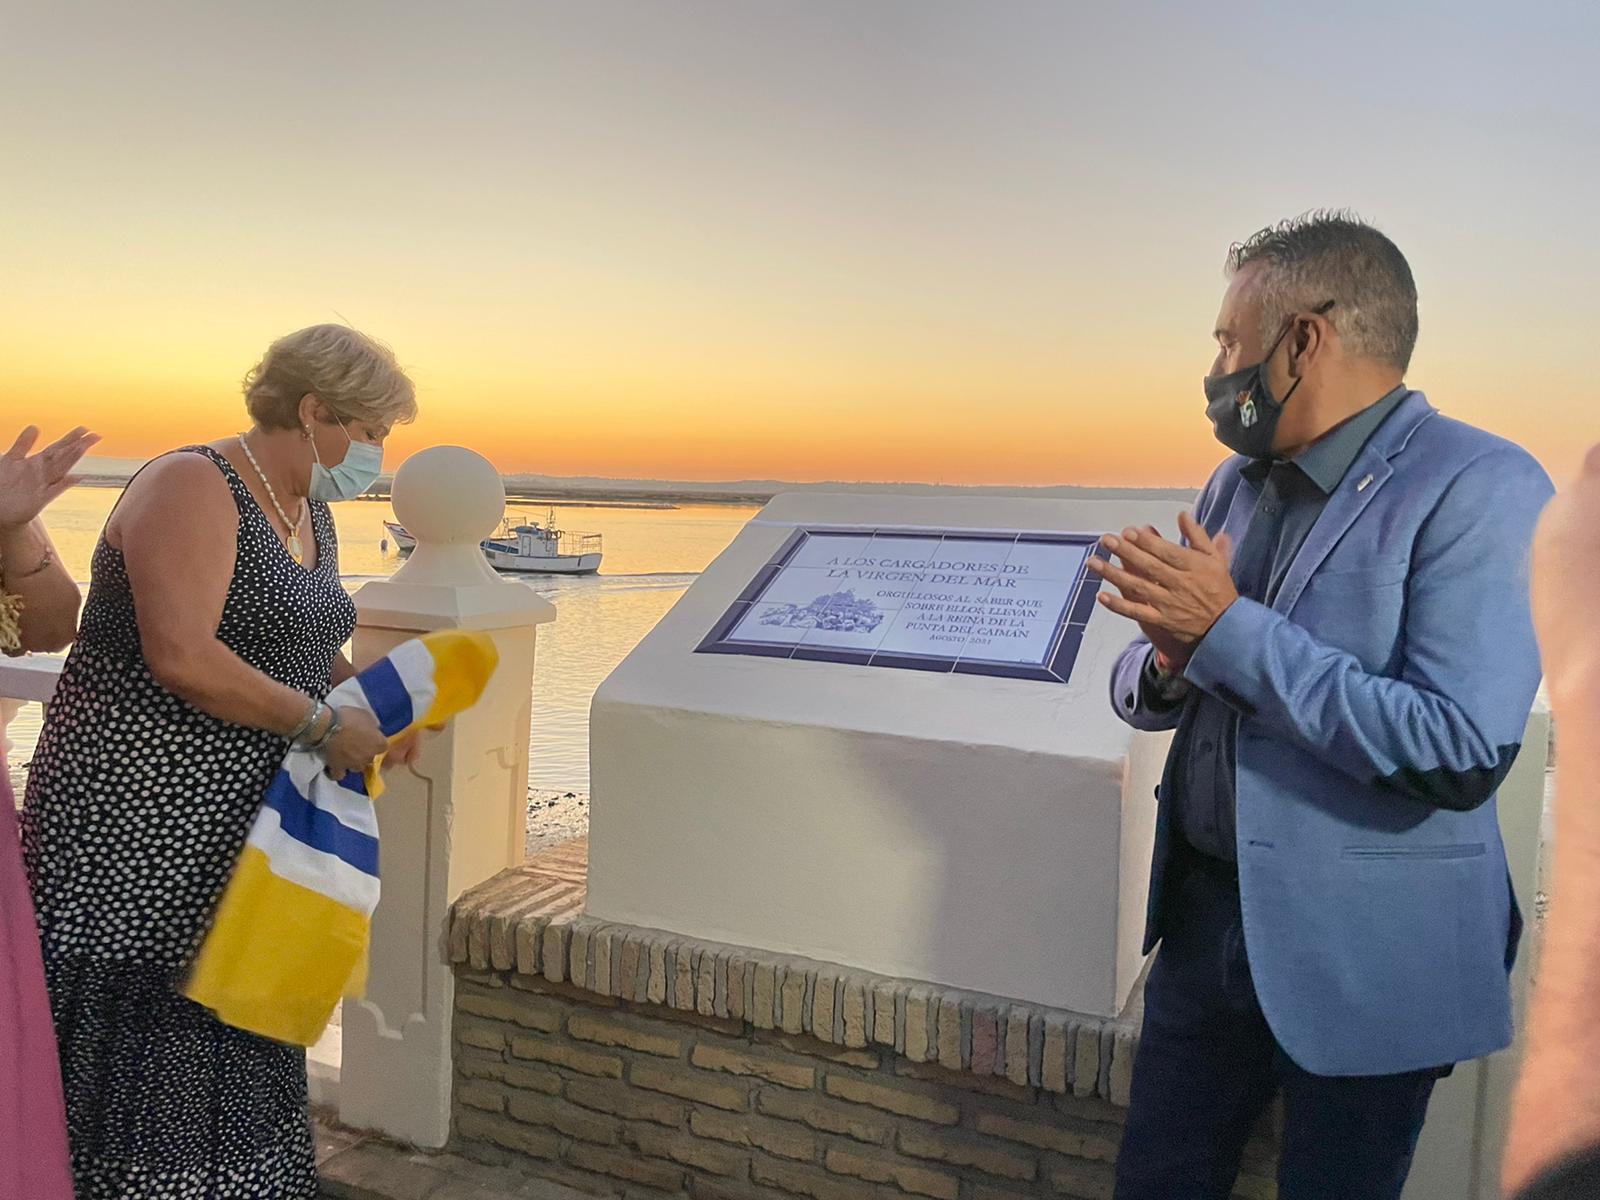 Inaugurado un monolito en honor a los costaleros de la Virgen del Mar, Patrona de la Punta del Caimán